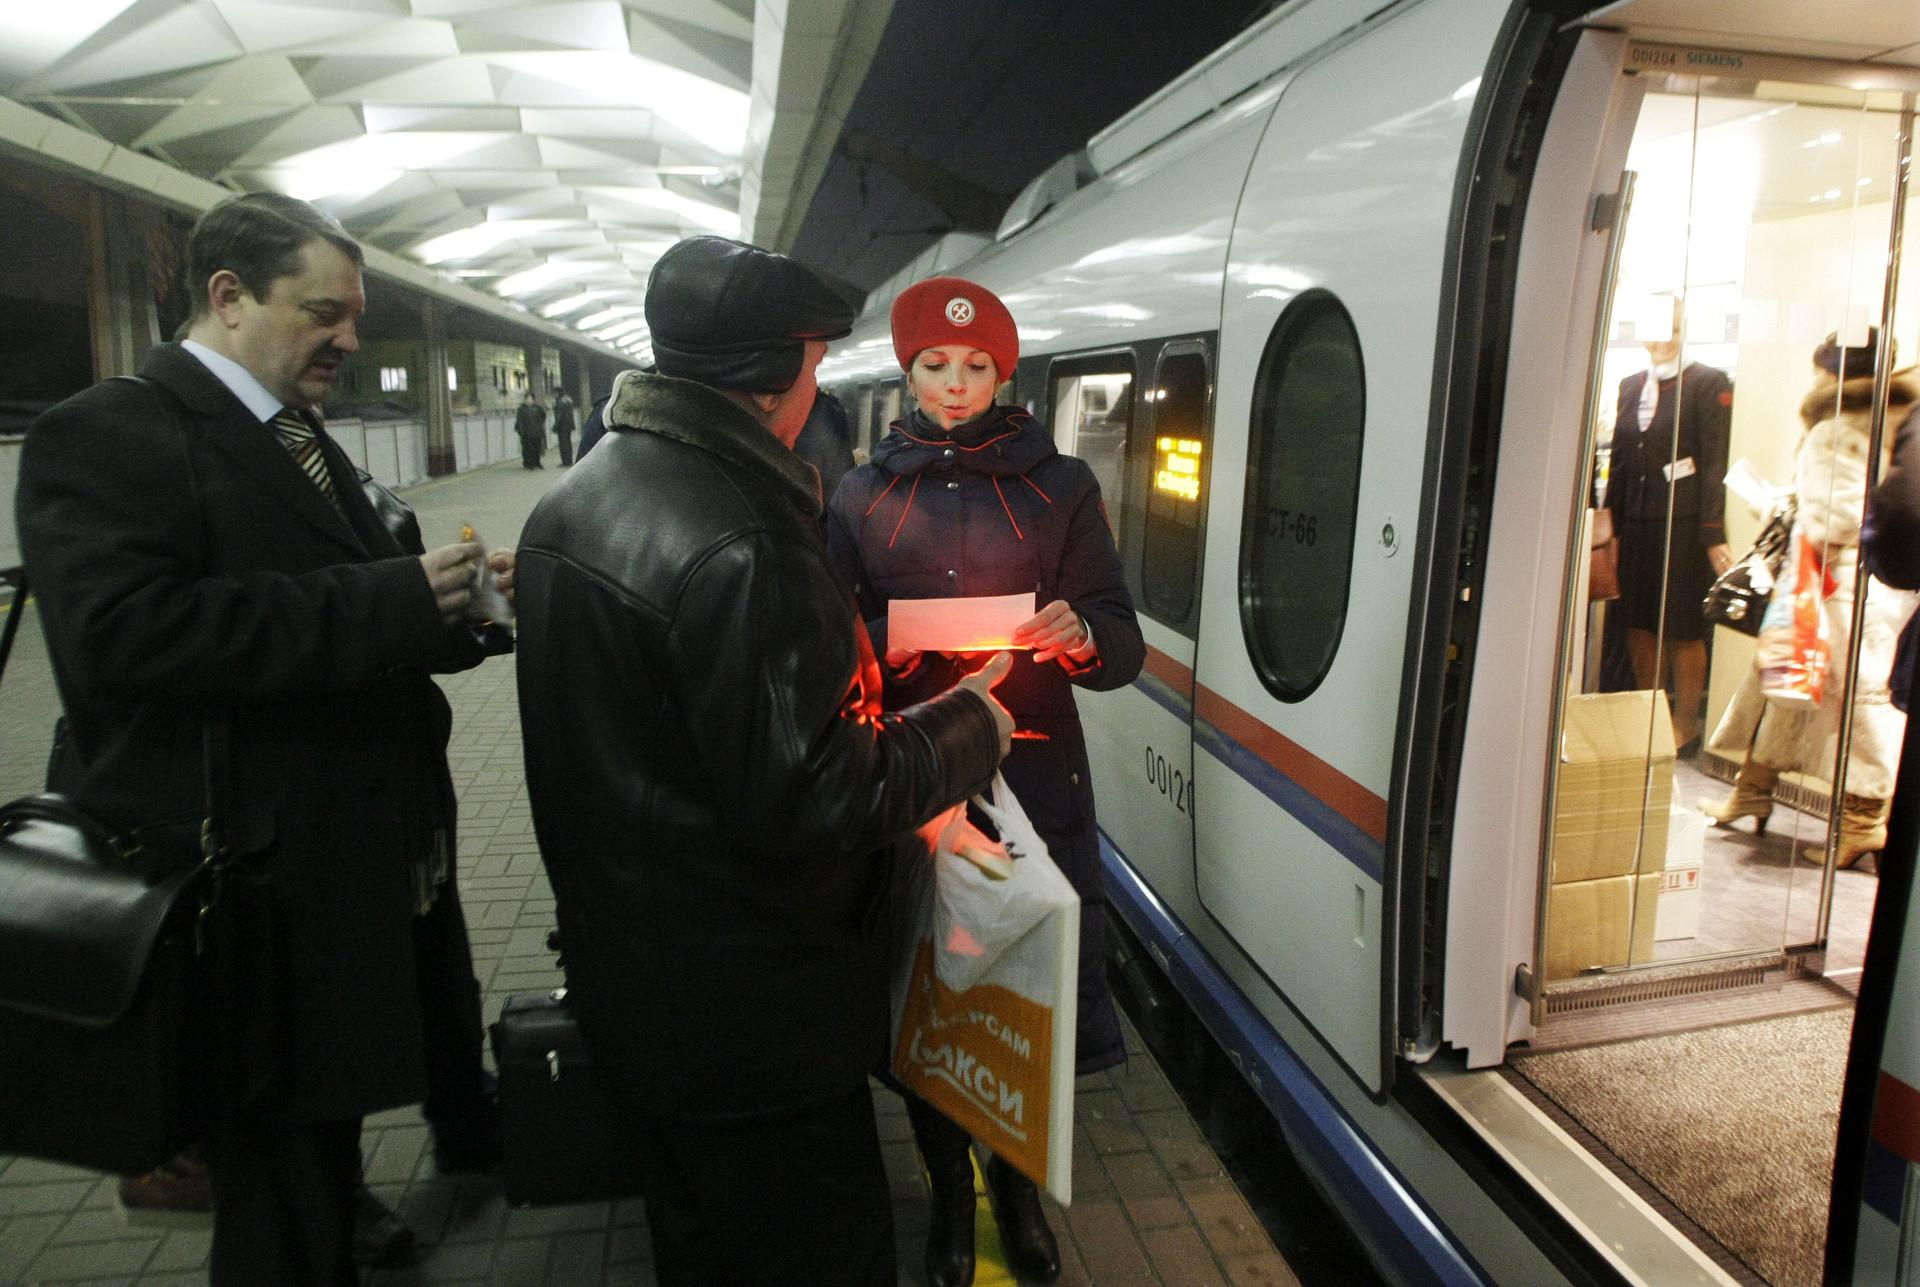 Seorang petugas kereta memeriksa tiket para penumpang kereta berkecepatan tinggi SAPSAN di Moskow.